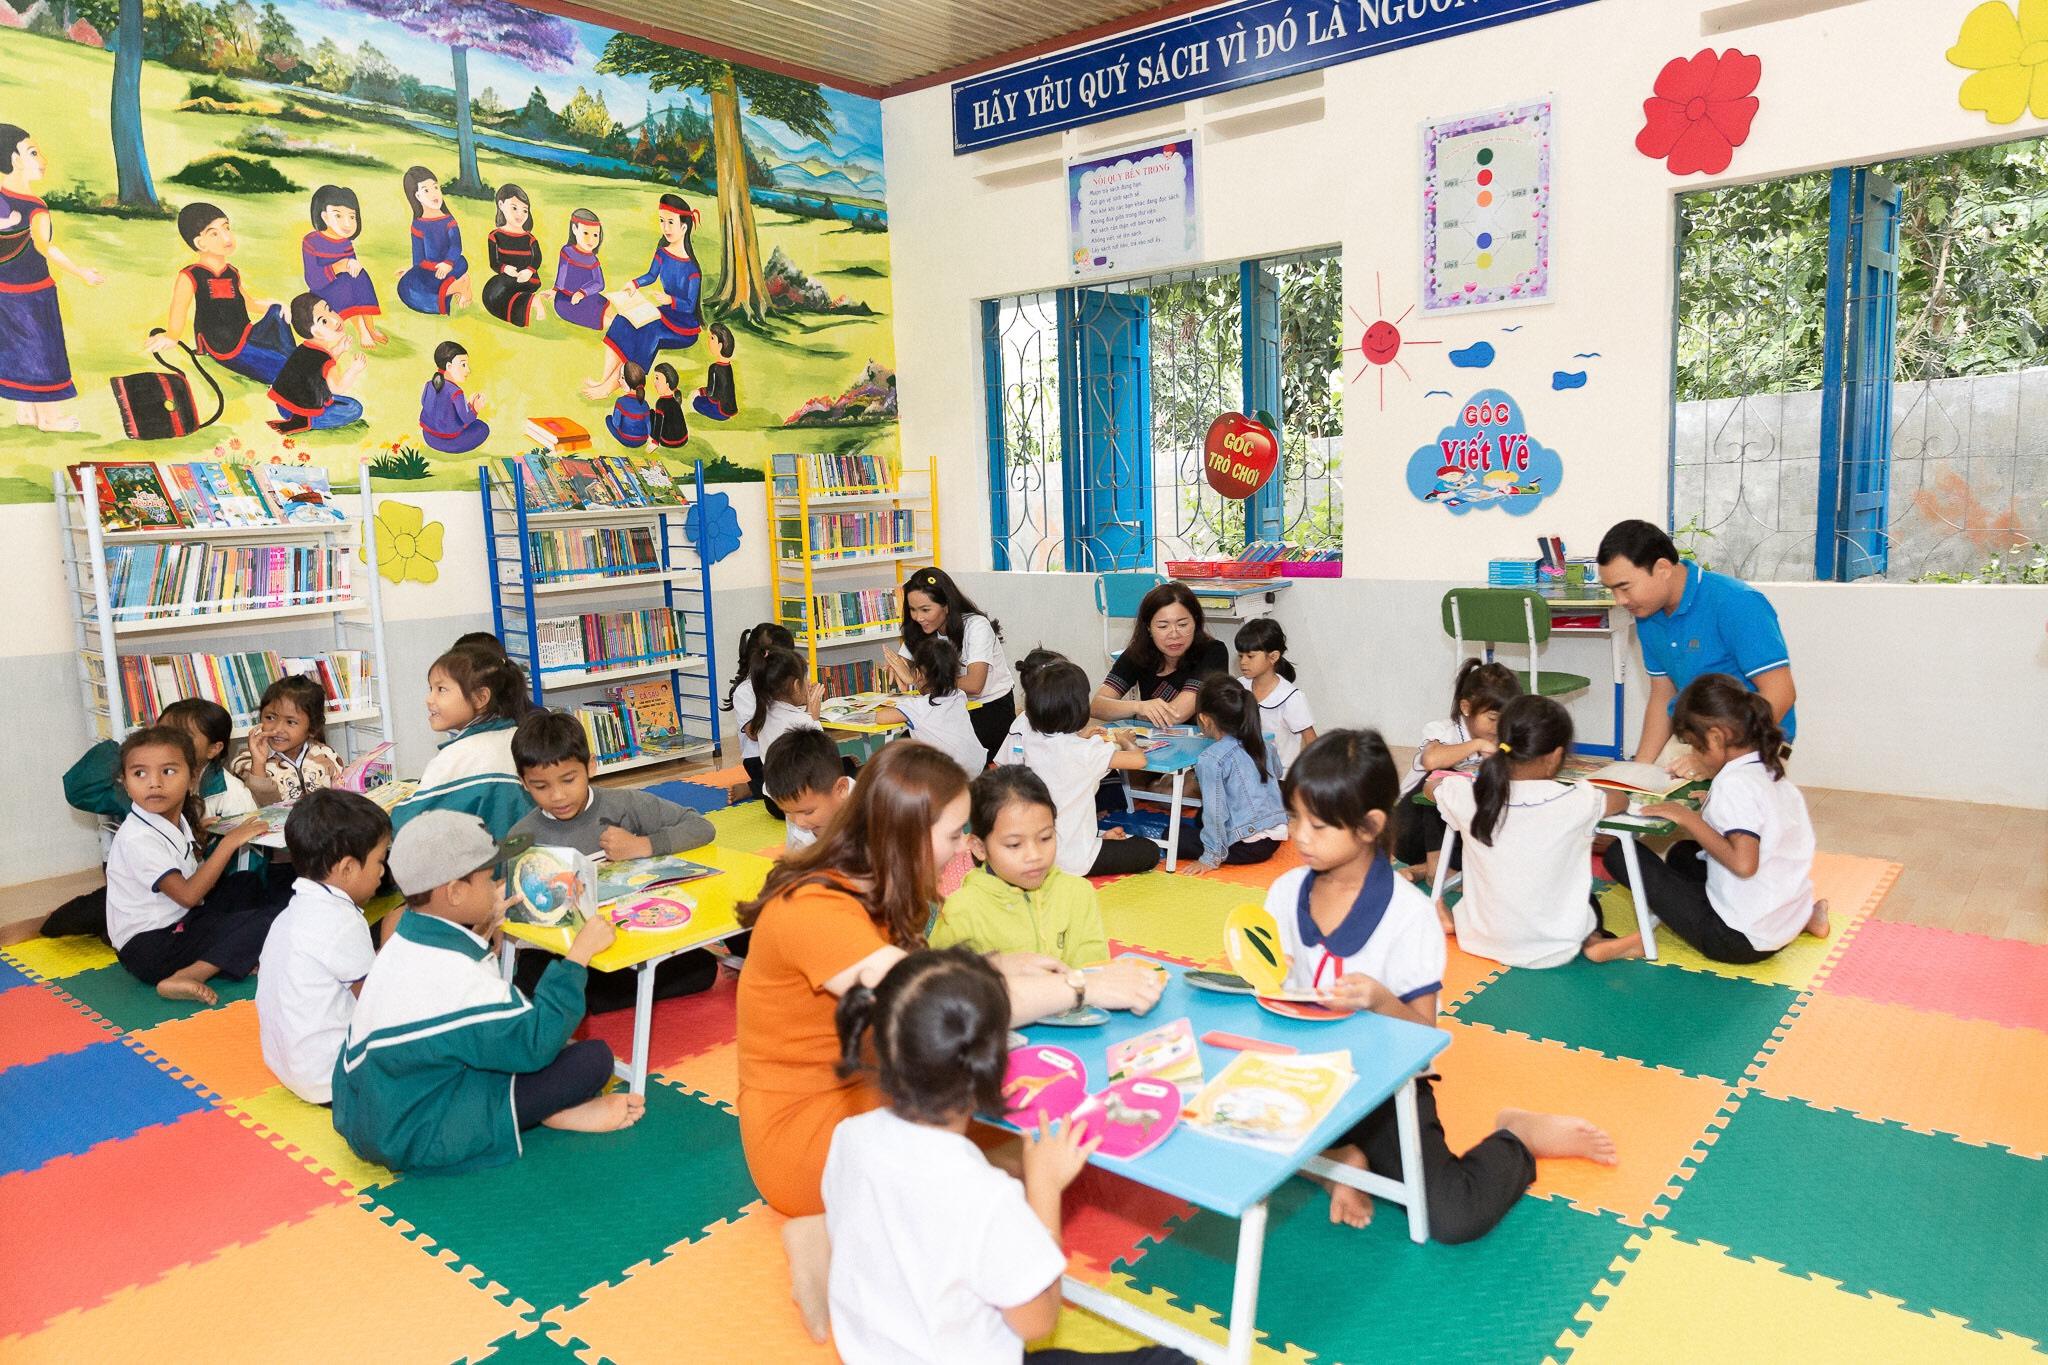 Hoa hau HHen Nie_Xay dung thu vien Room To Read tai Dak Lak (3)